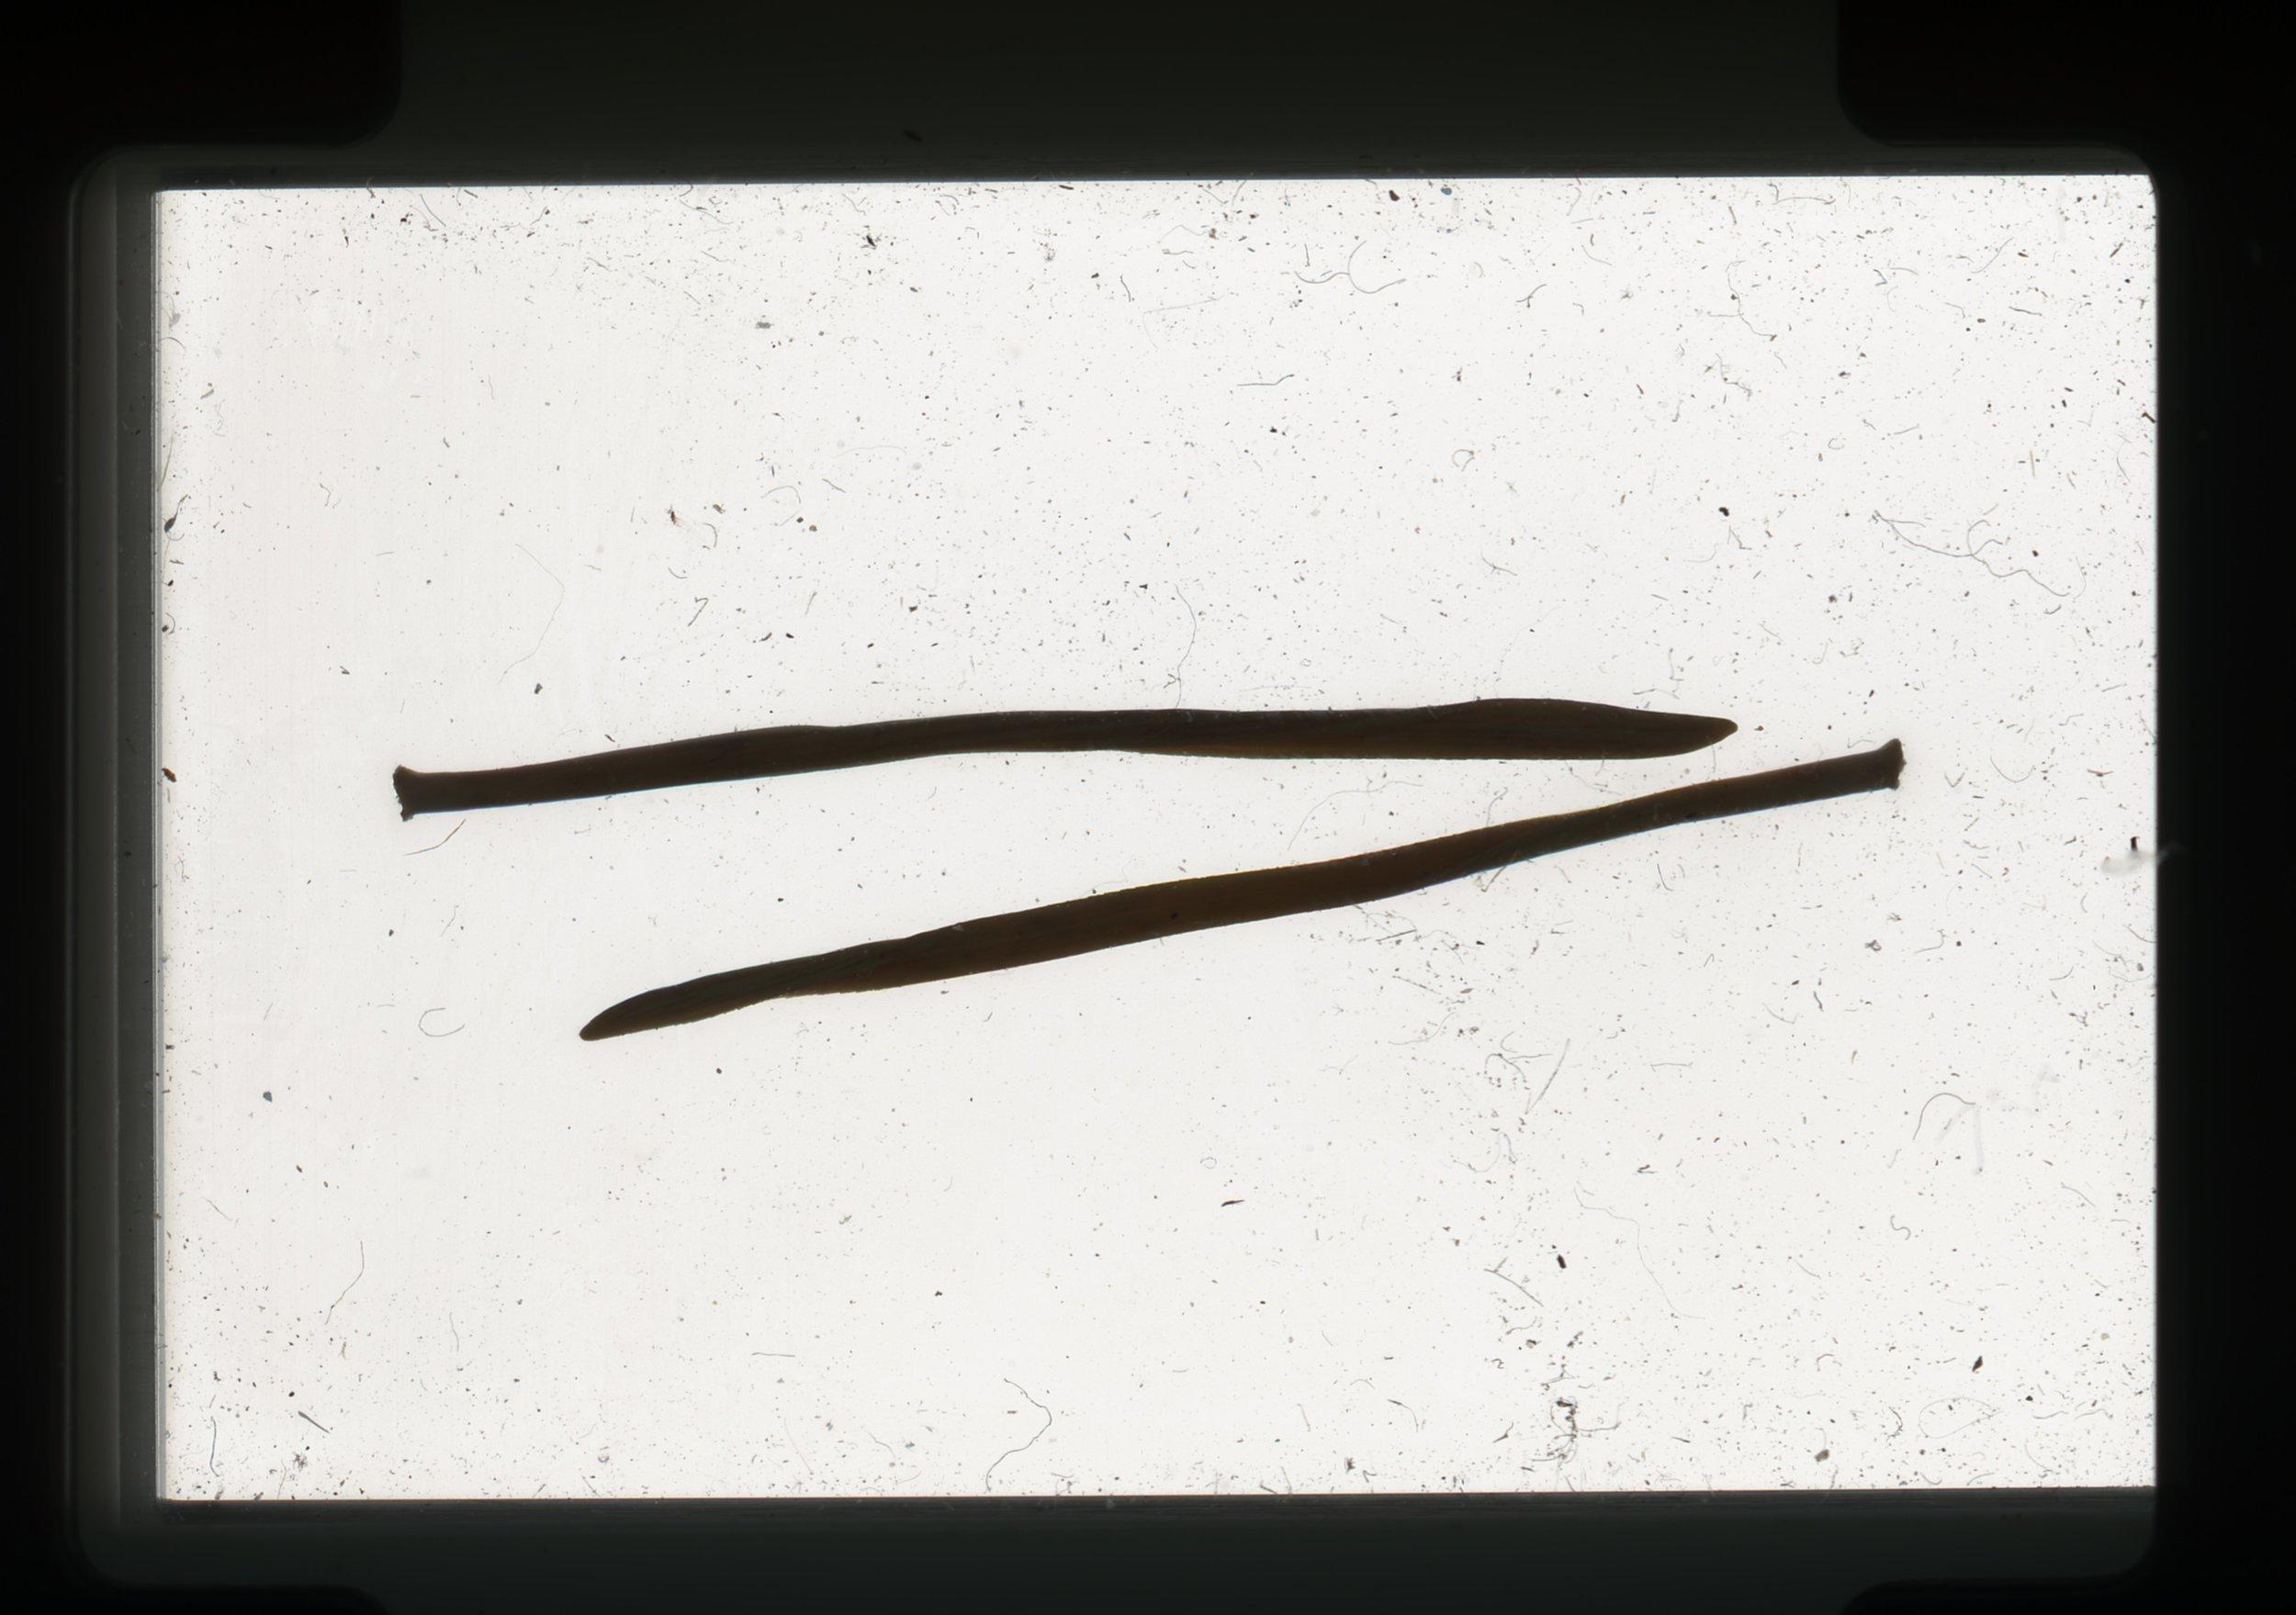 norway.22.pf.pineneedles.jpg